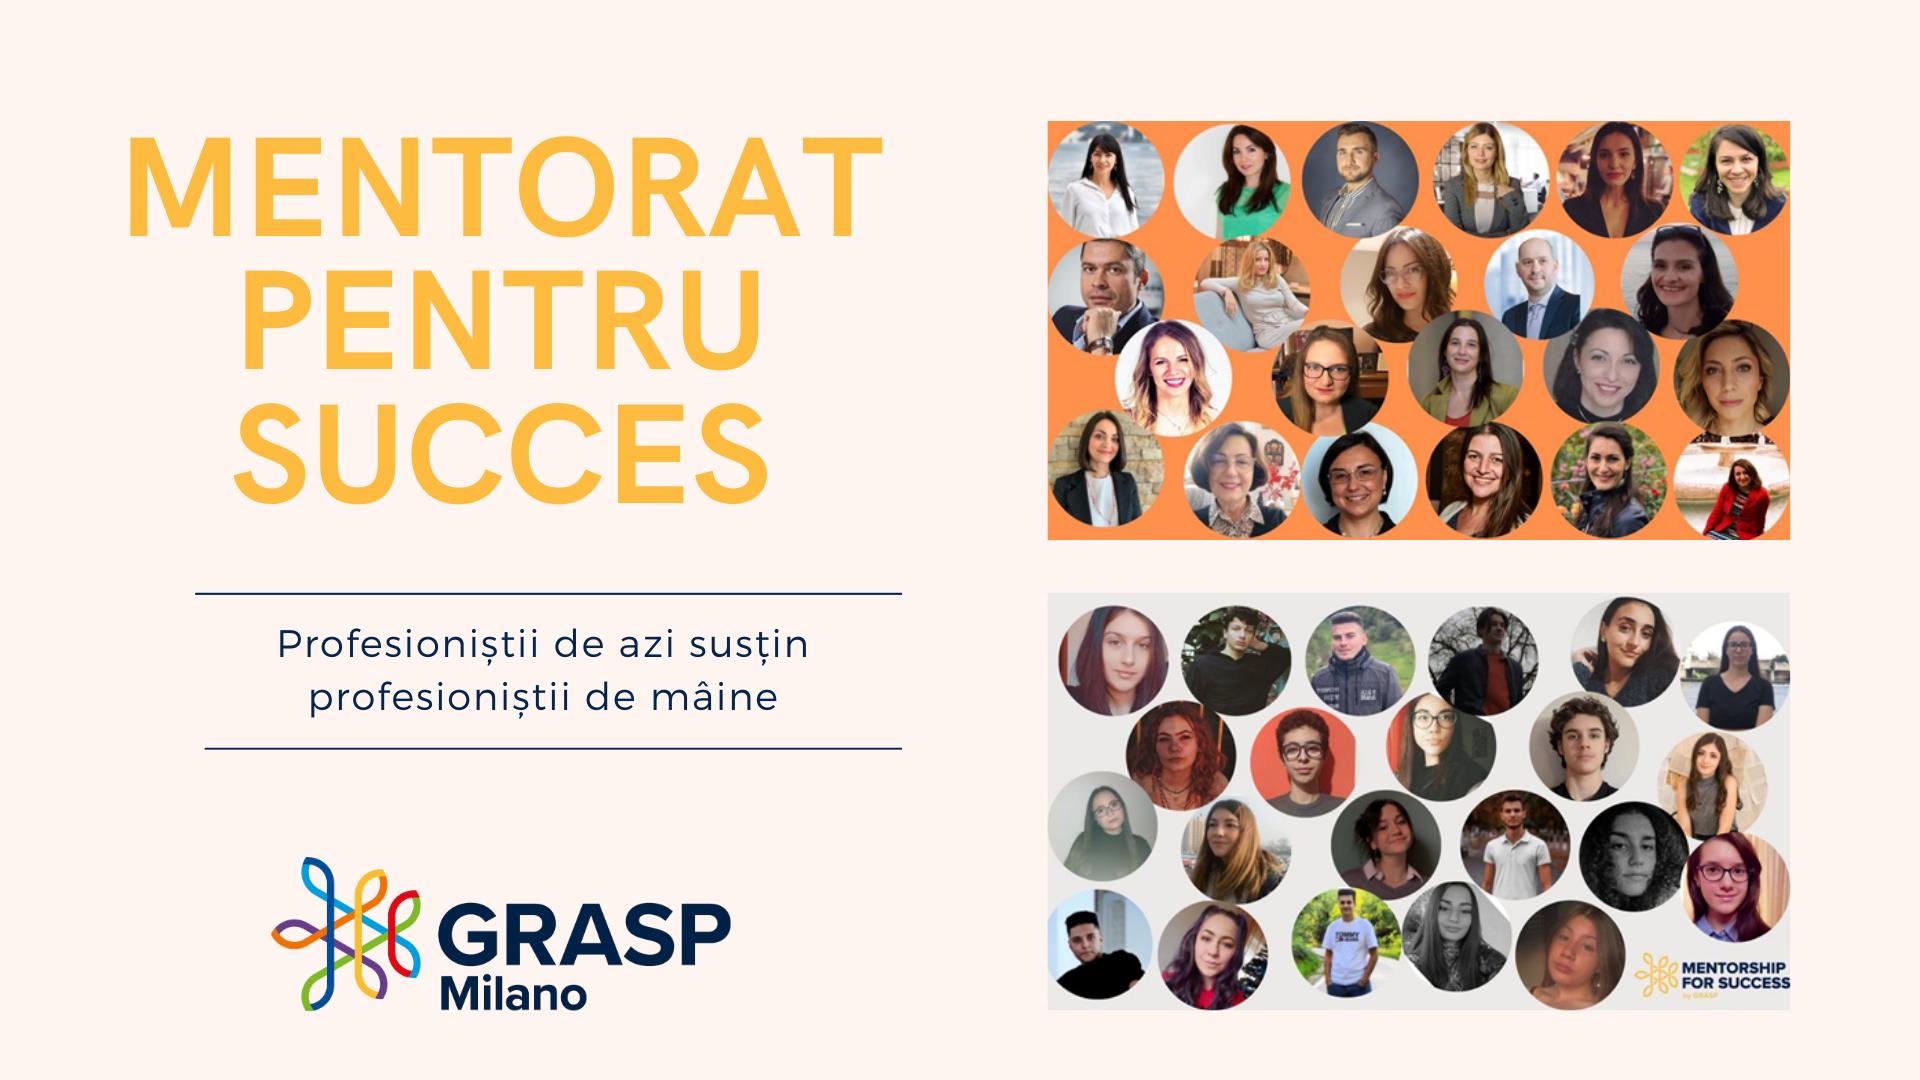 Profesioniștii de azi susțin profesioniștii de mâine -  sprijin și orientare în carieră pentru 22 elevi de liceu români din Italia și România